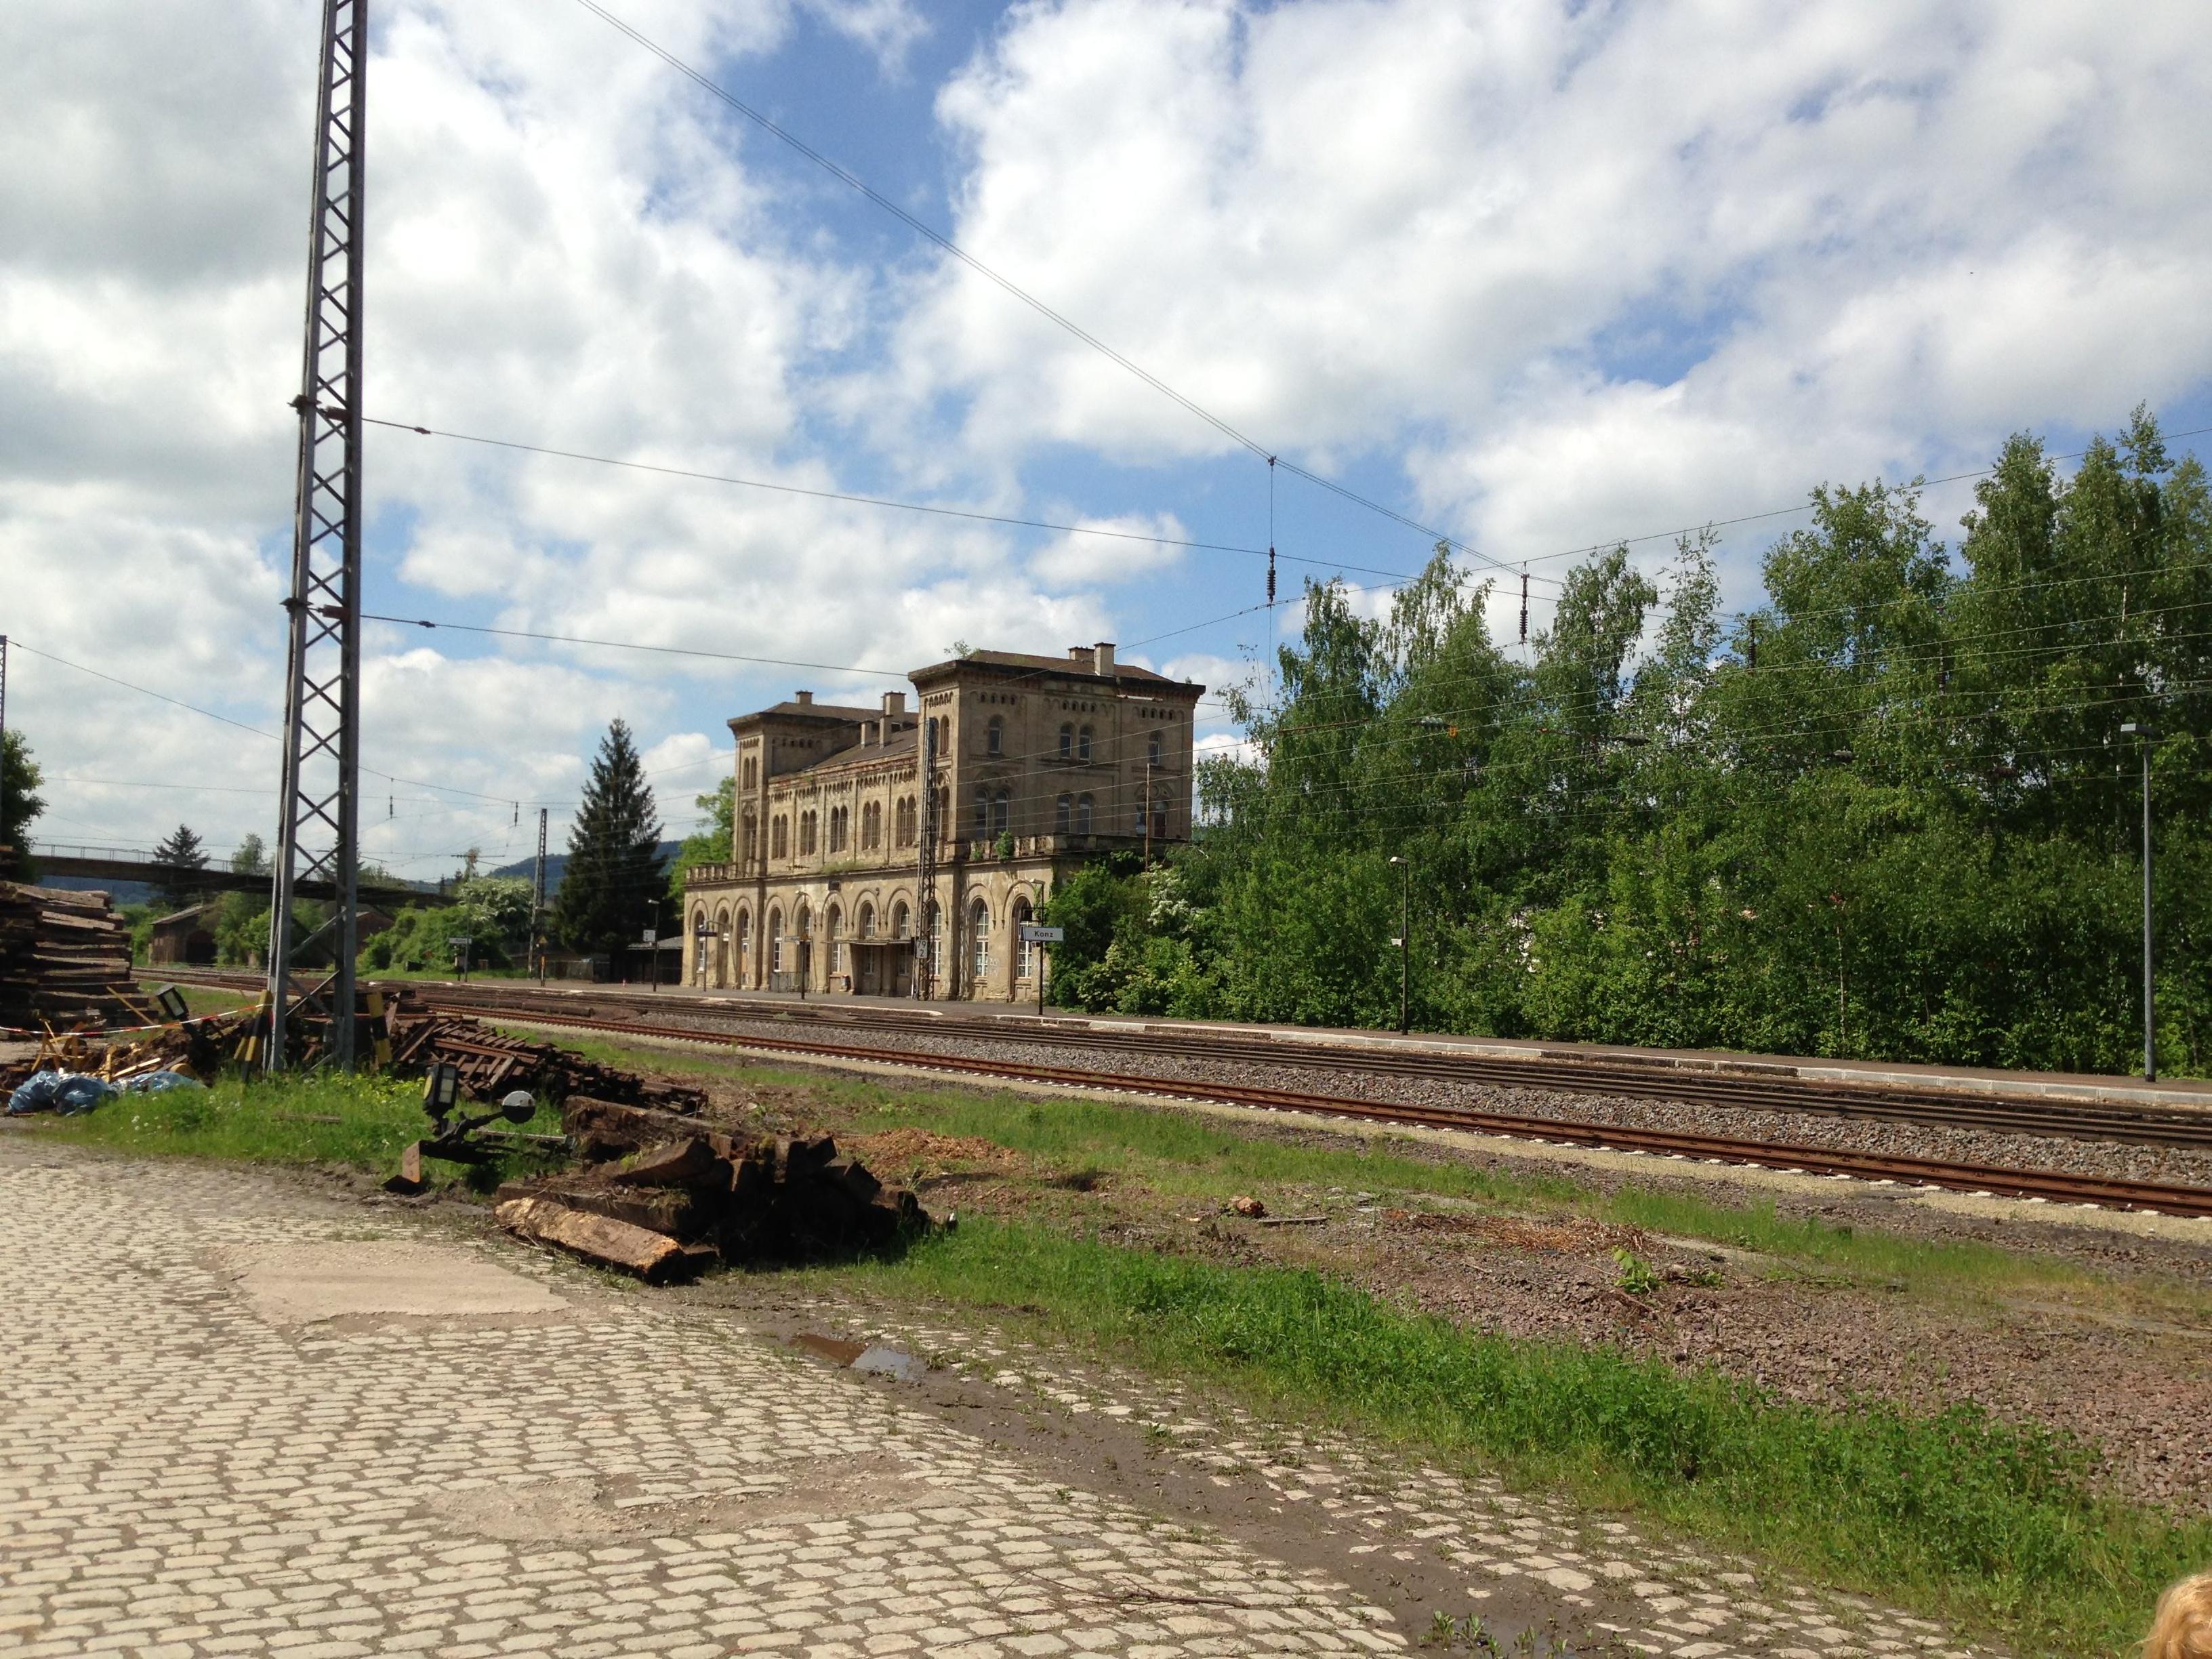 Die Reste eines ehemals prächtigen Bahnhofsgeländes - Steinölgeruch läd zum Verweilen ein.